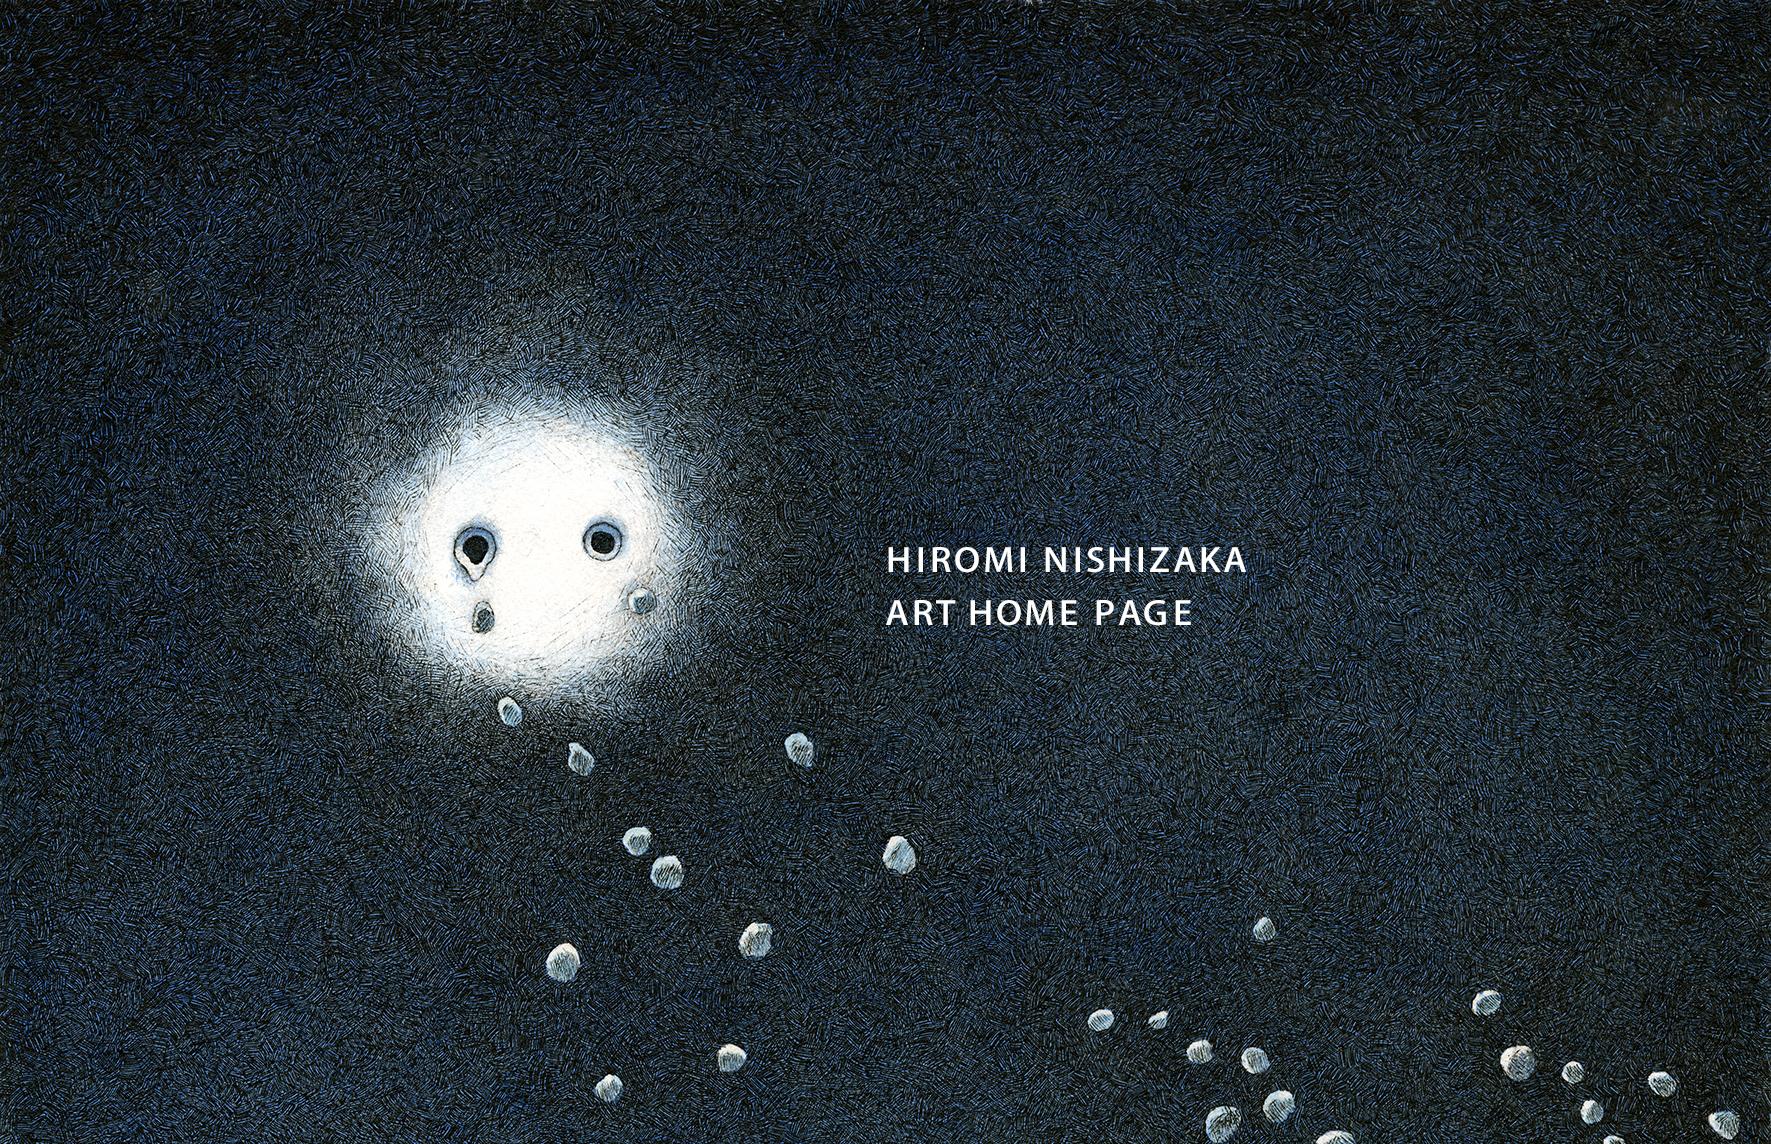 にしざかひろみ ホームページ / HIROMI NISHIZAKA HOME PAGE